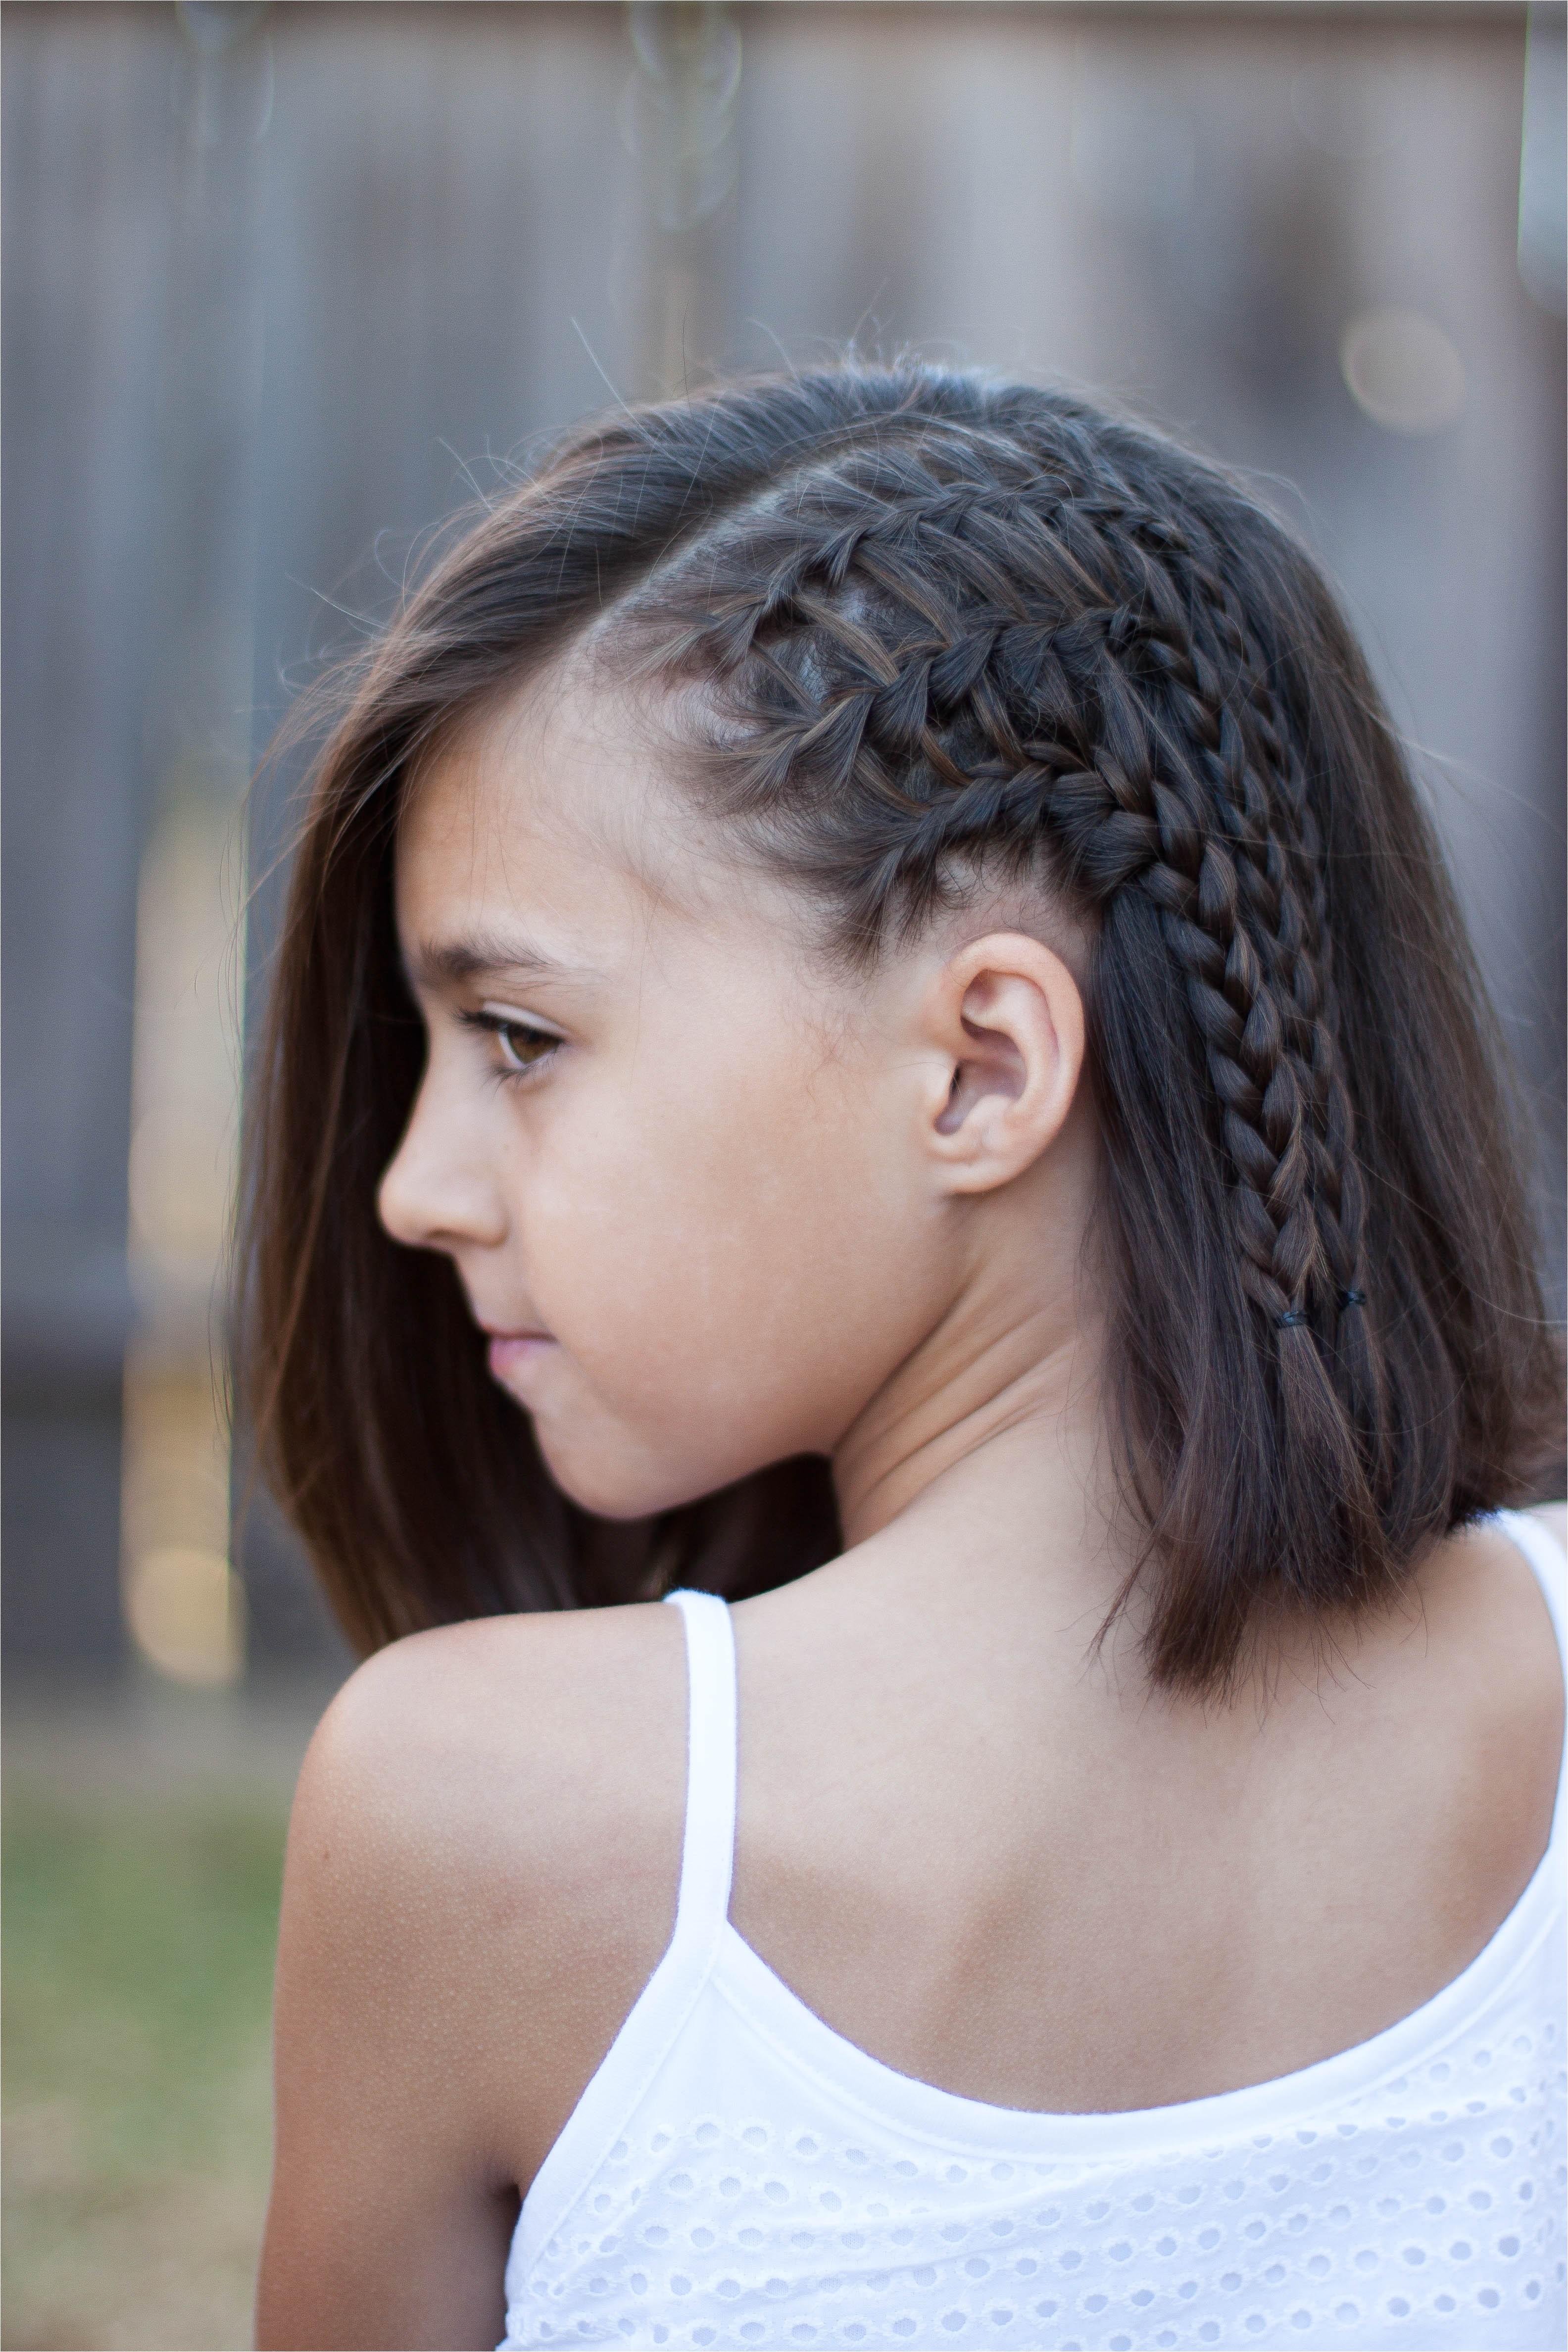 Cute Twist Hairstyles for Short Hair 5 Braids for Short Hair